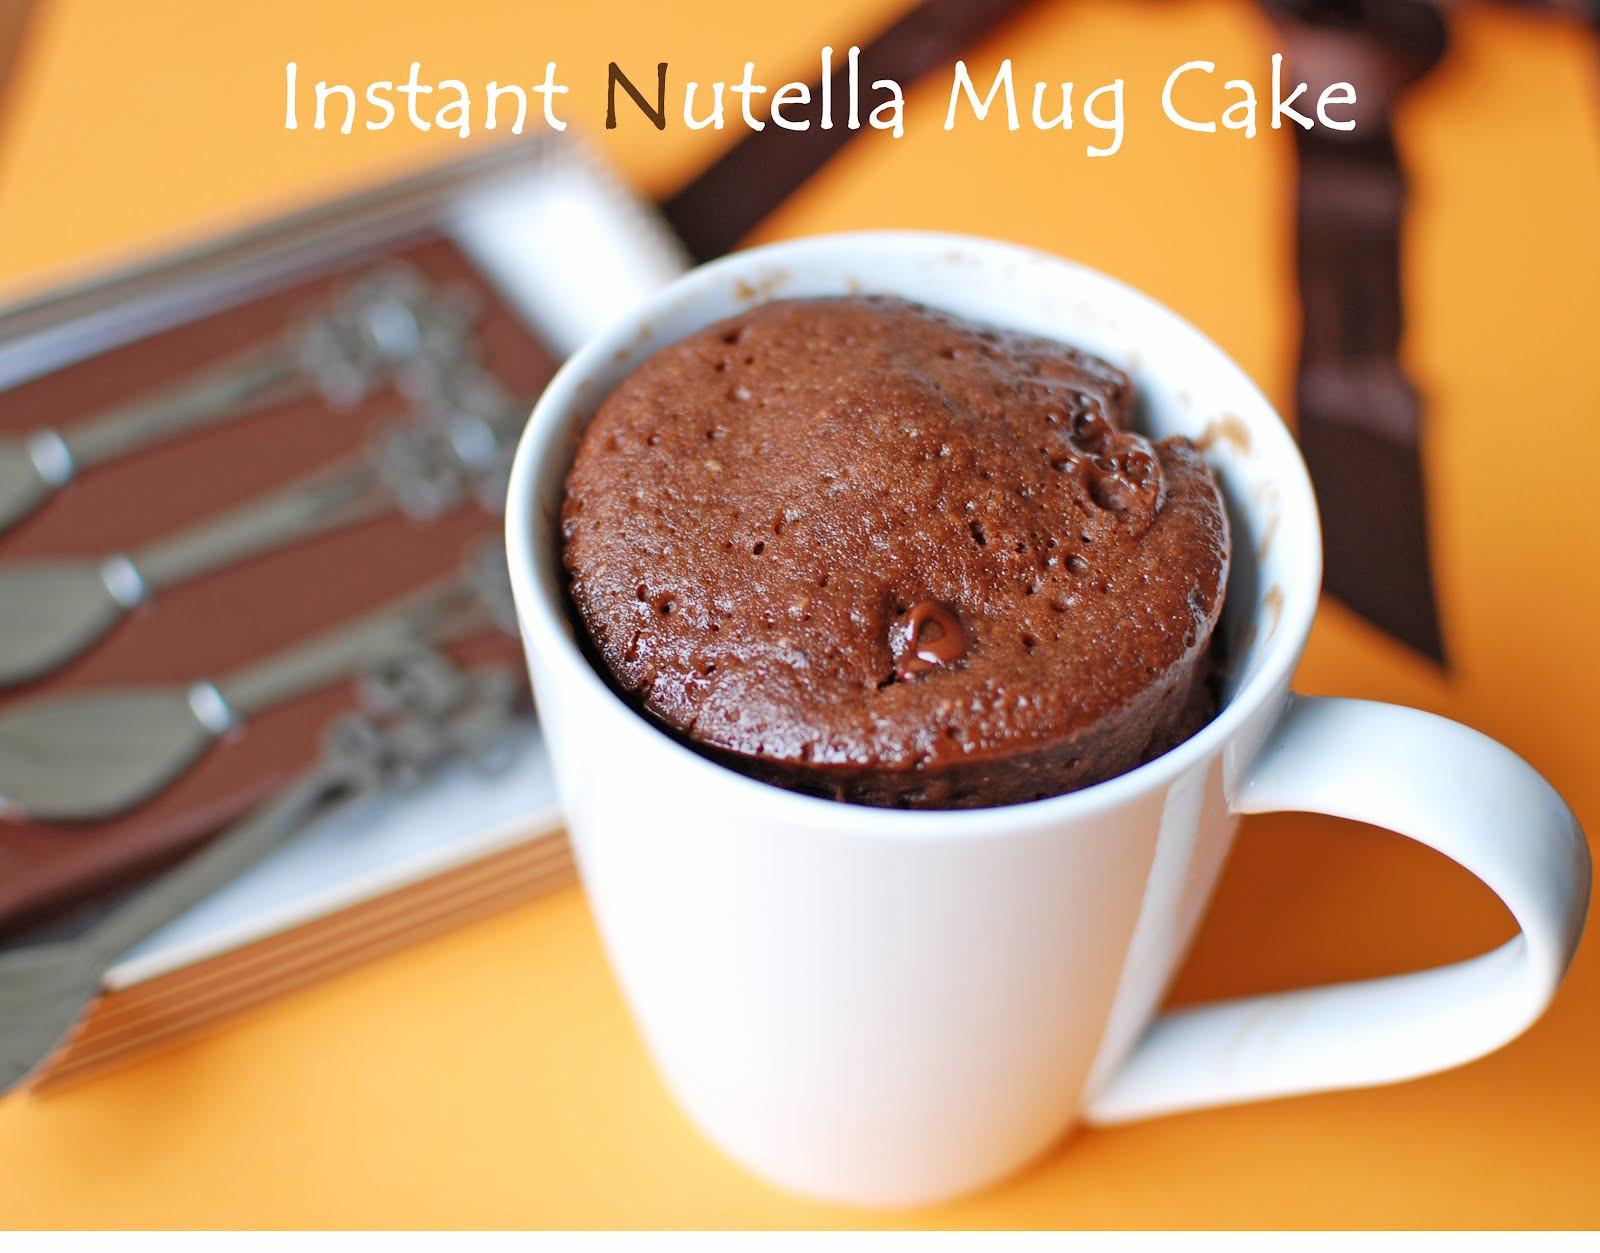 Nutella Mug Cake  11 Drool Worthy Nutella DIY Recipes Find Fun Art